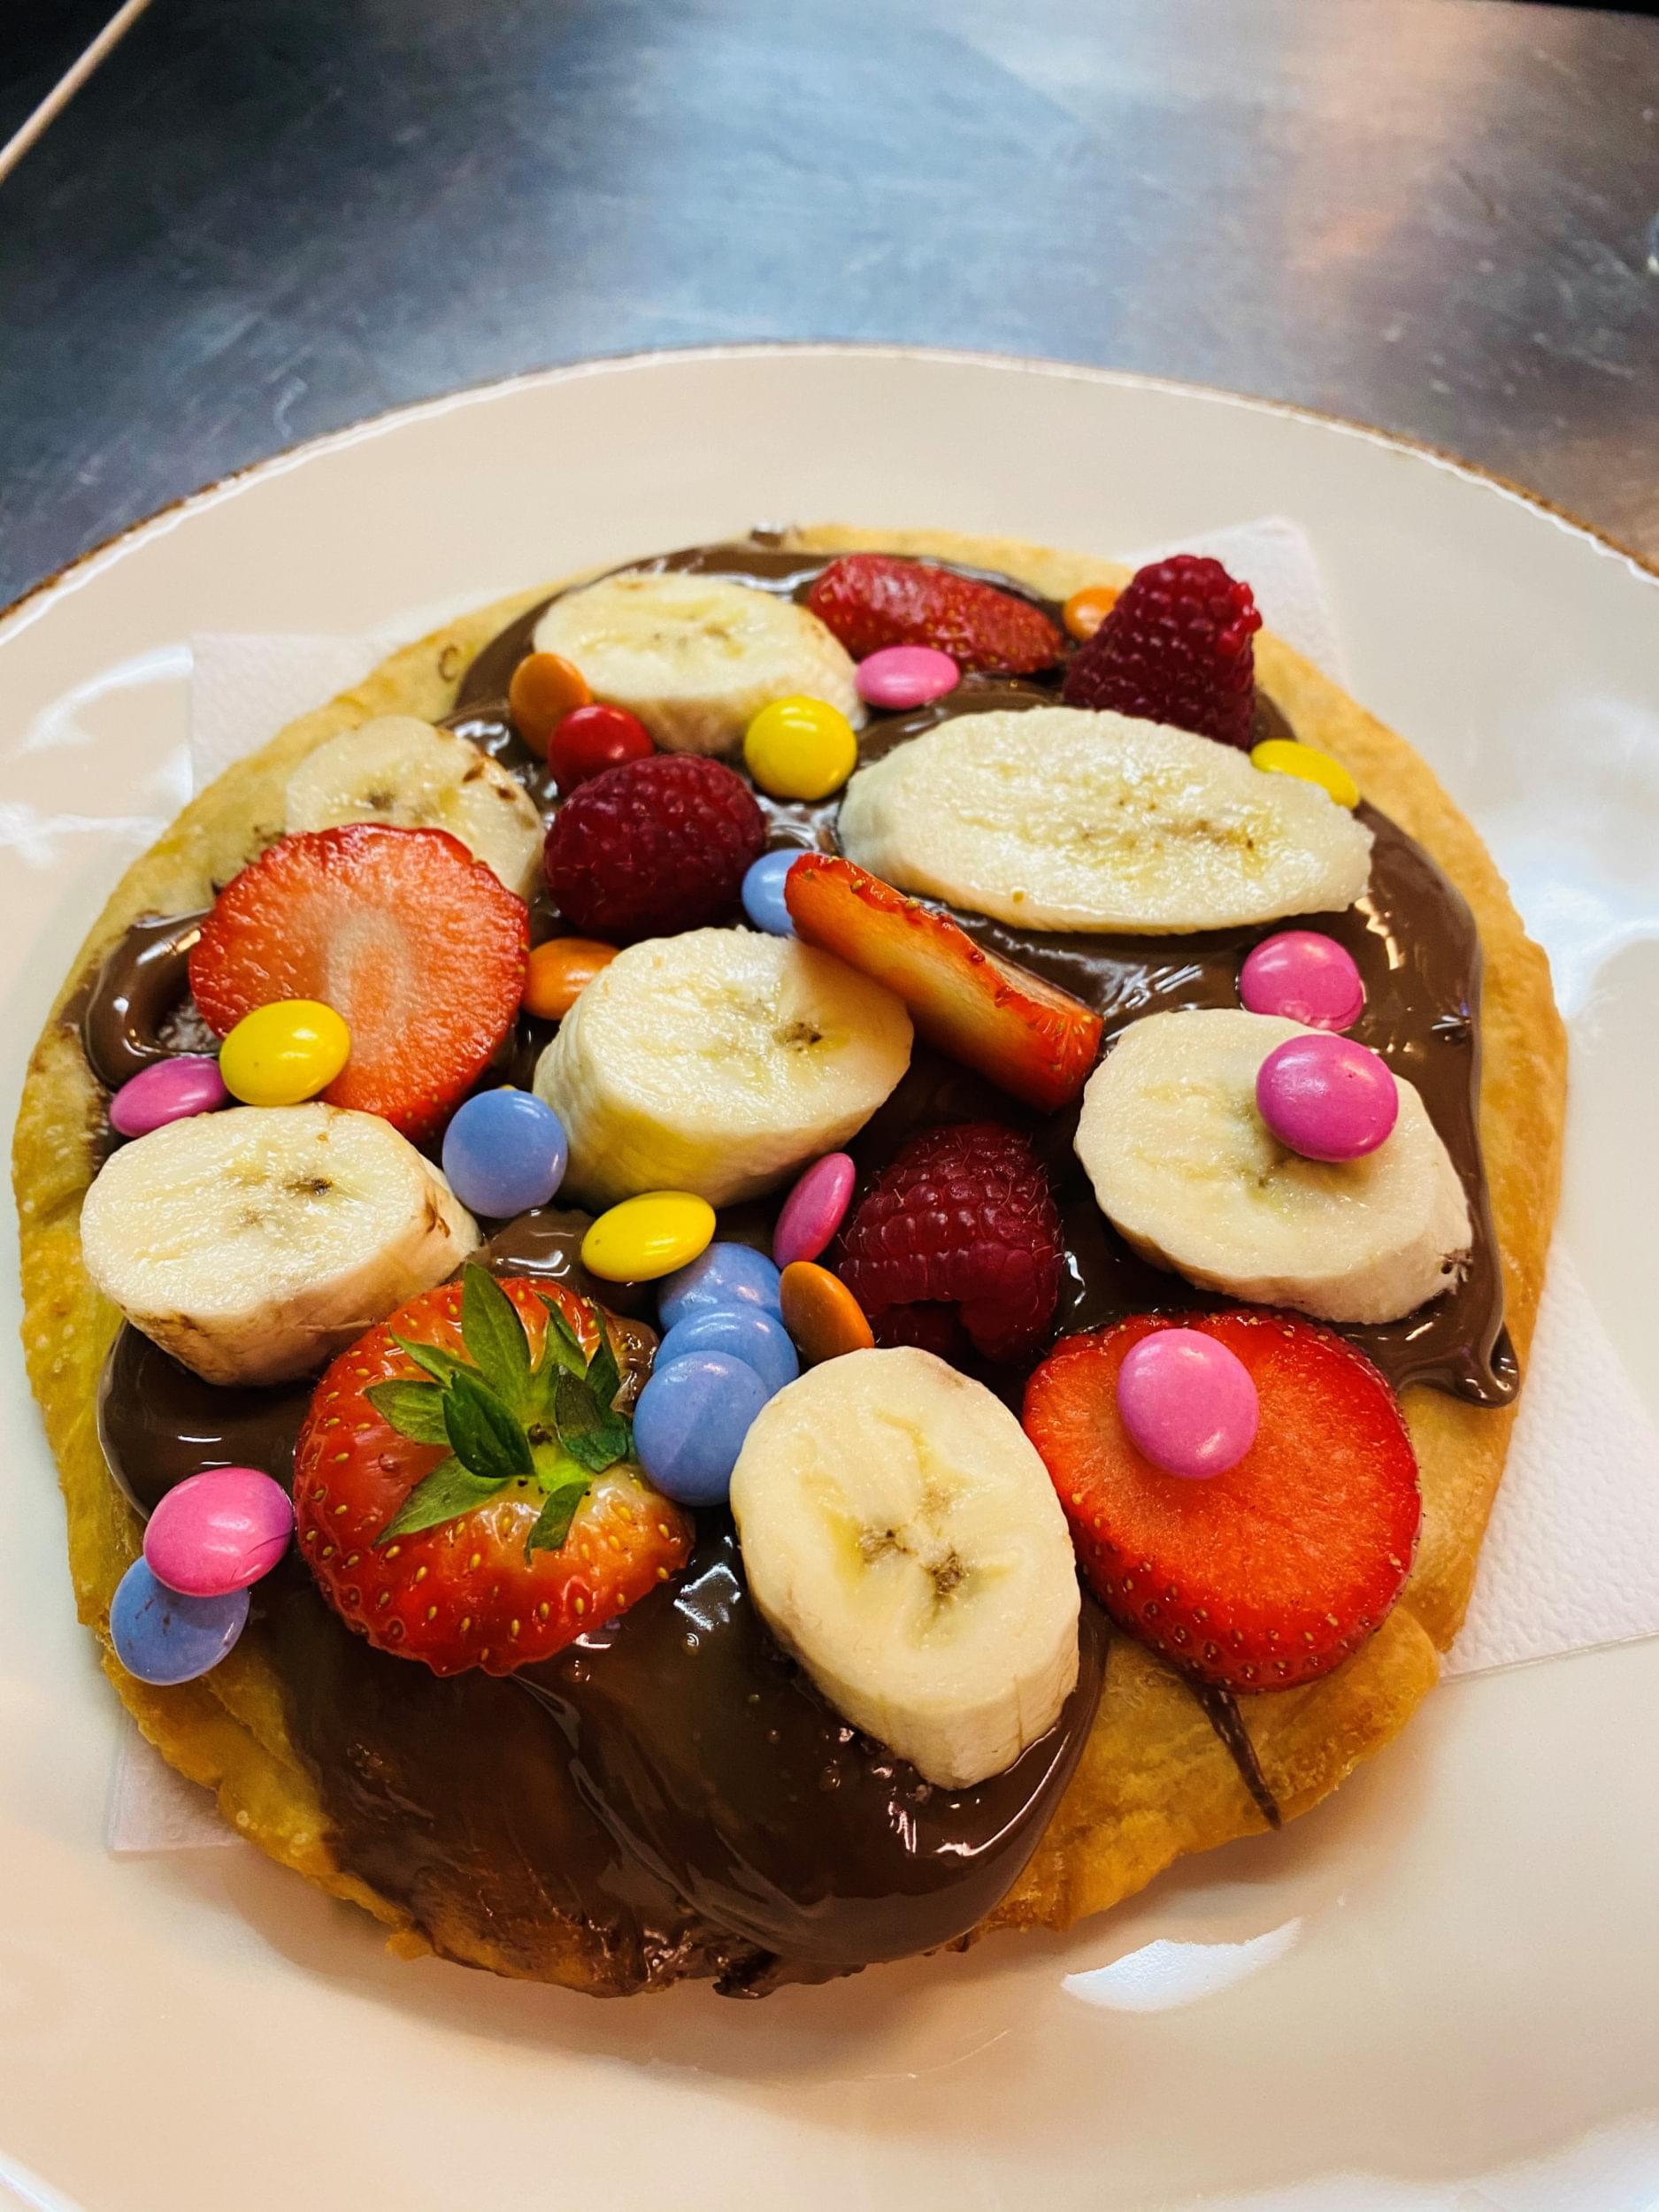 Langos med jordgubbar, choklad, banan och non stopate, banana and non stop